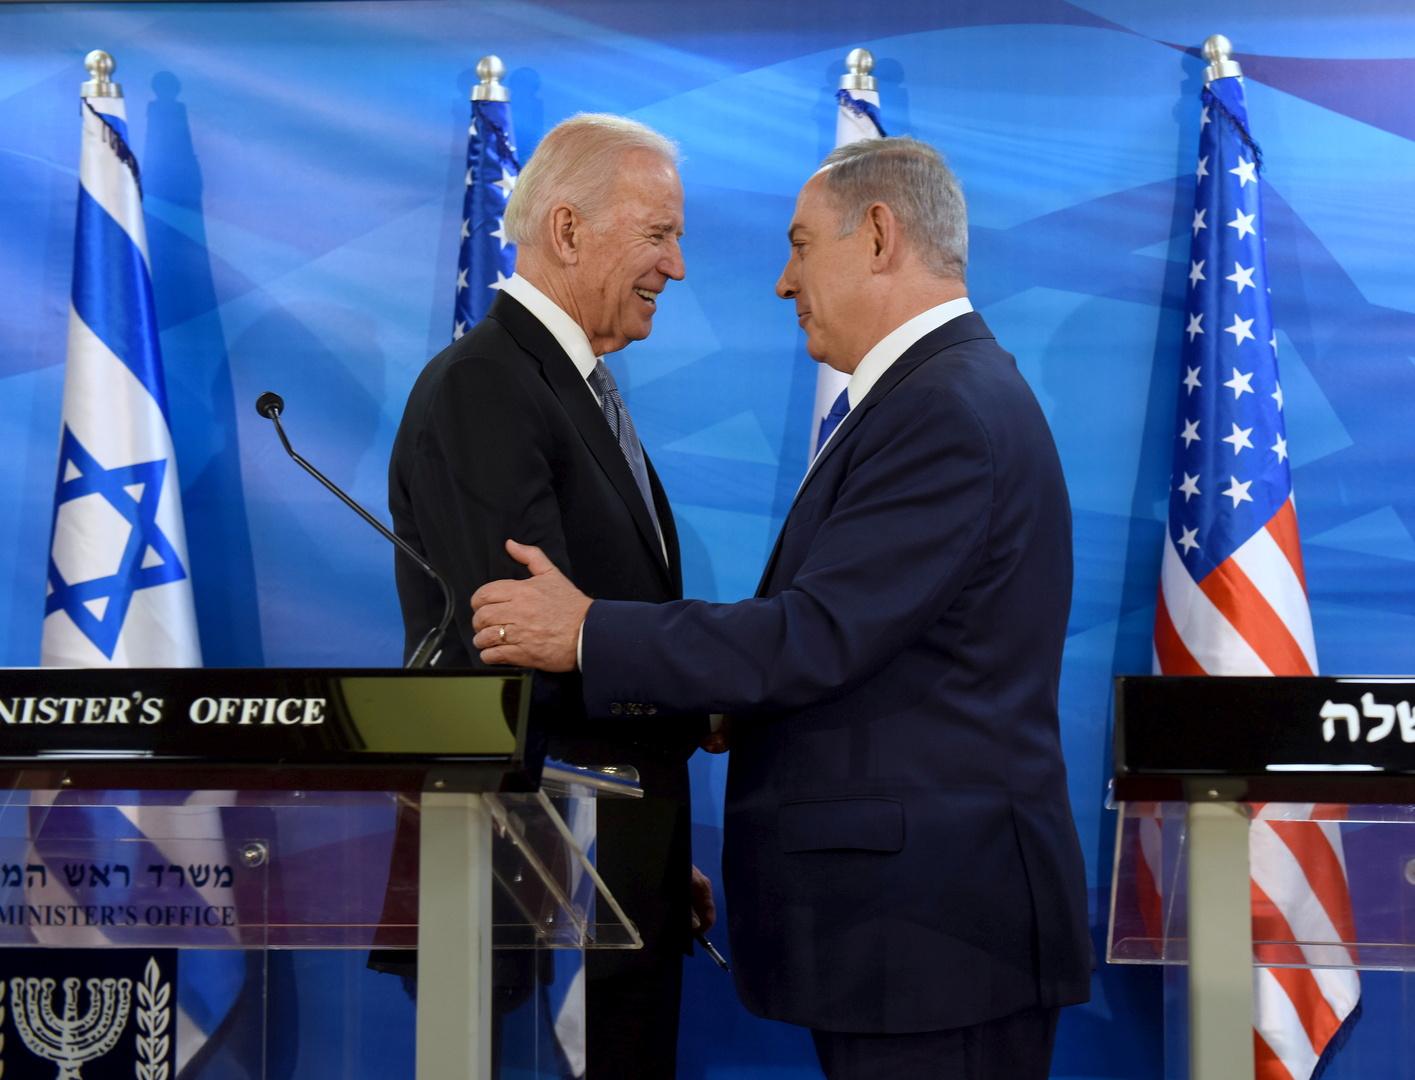 عقب تدمير برج الجلاء في غزة.. نتنياهو يتصل ببايدن ويشكره على الدعم الأمريكي